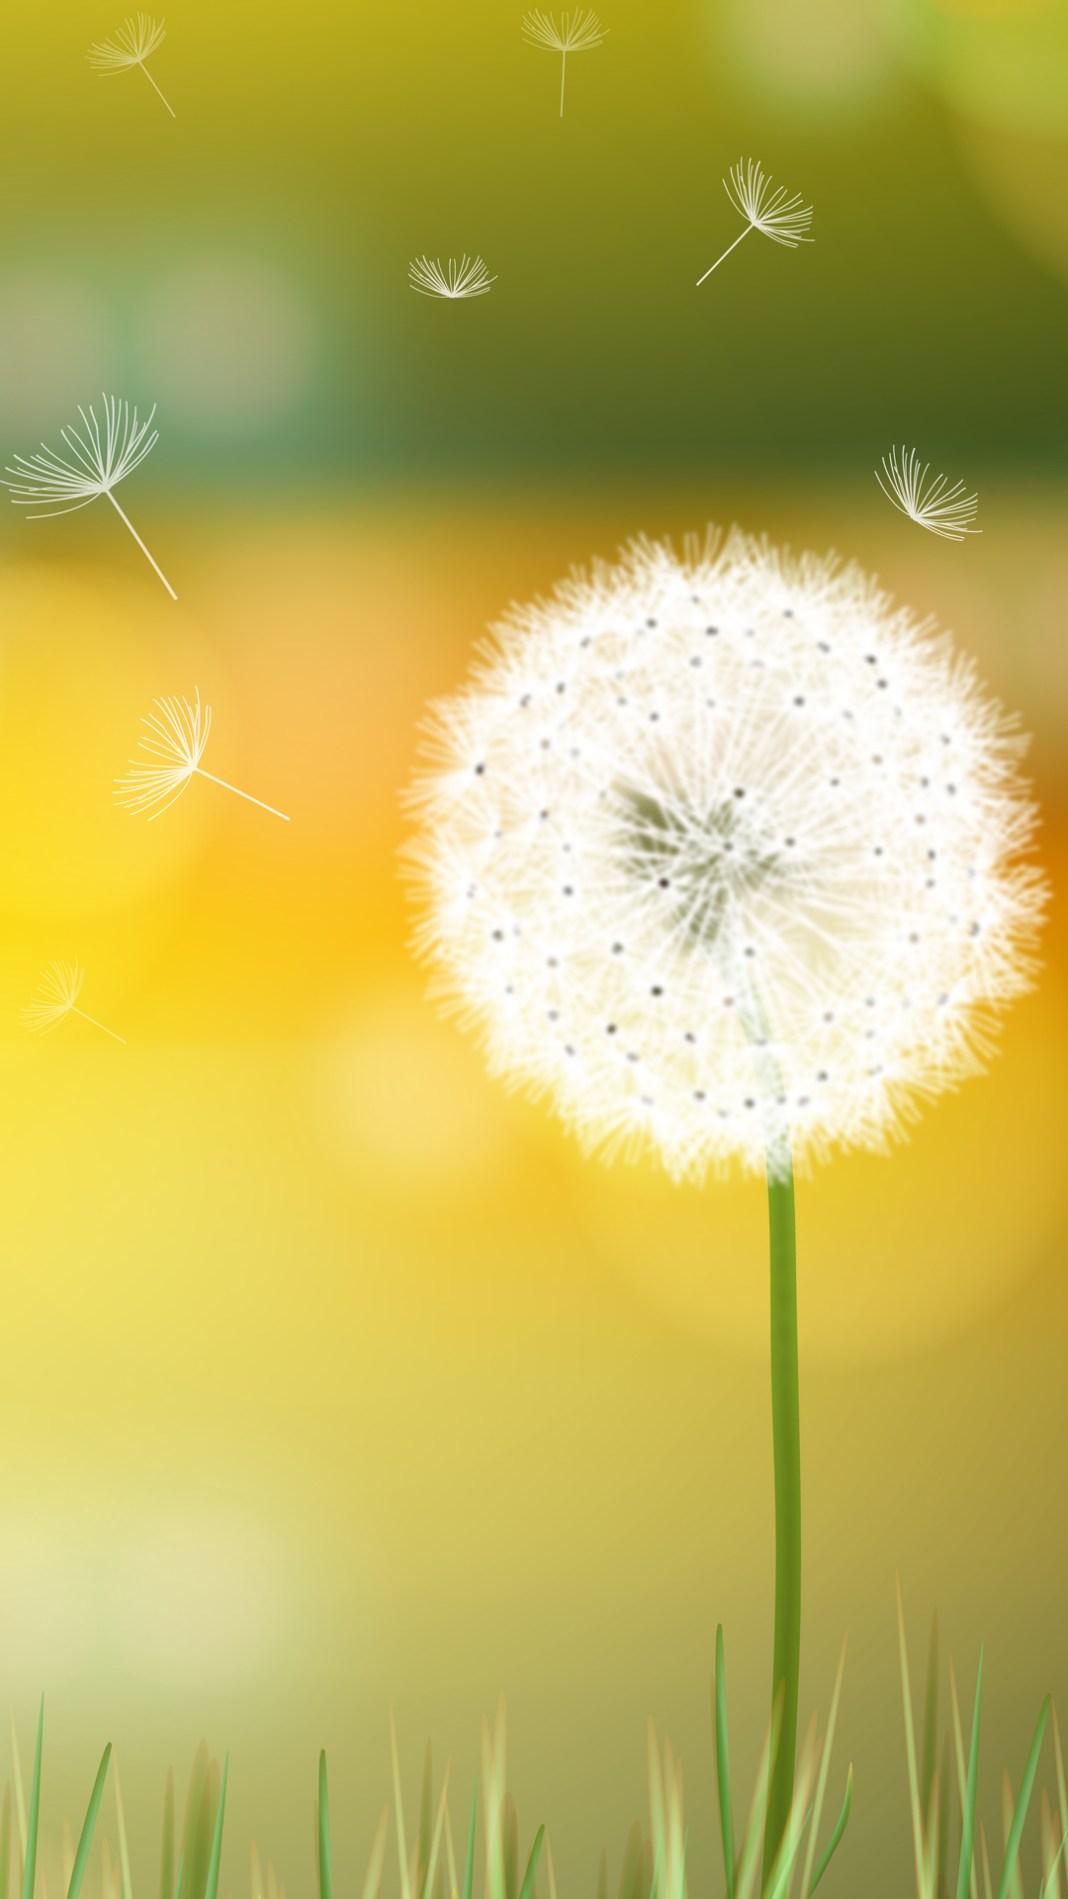 dandelion-breeze-5489